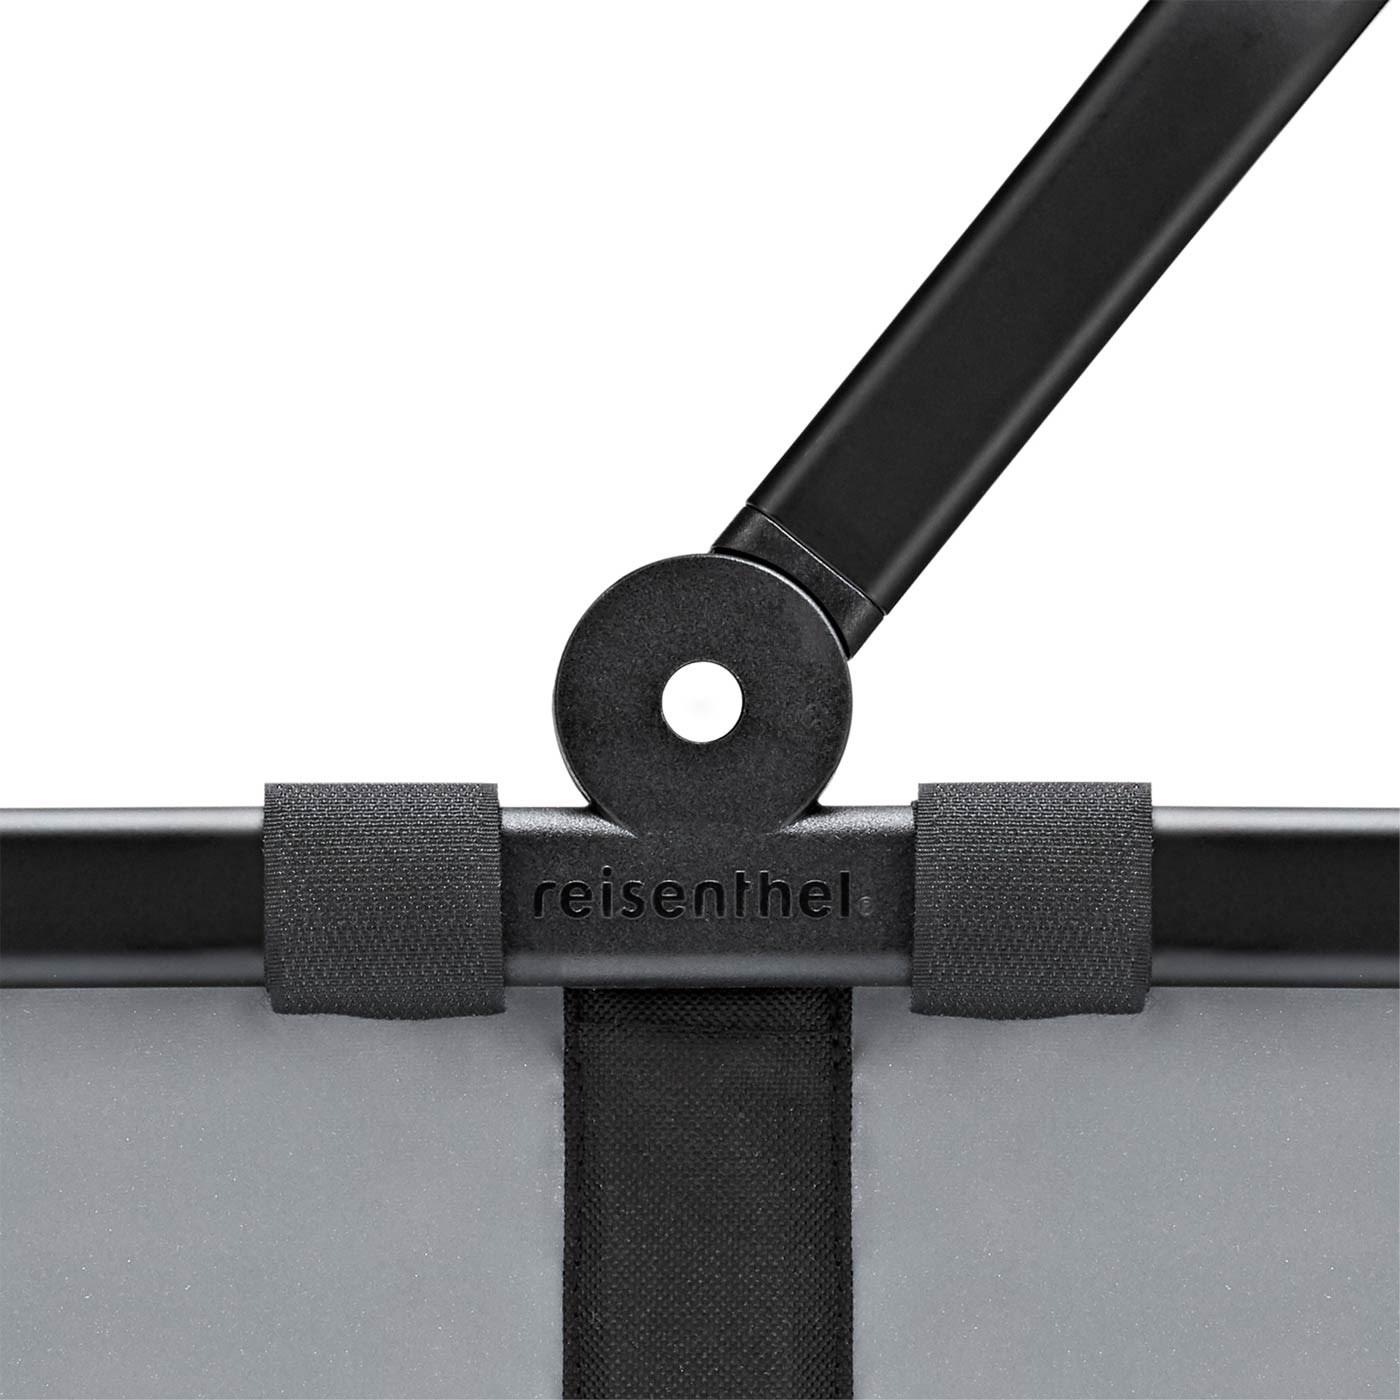 Nákupní košík Carrybag frame reflective_2